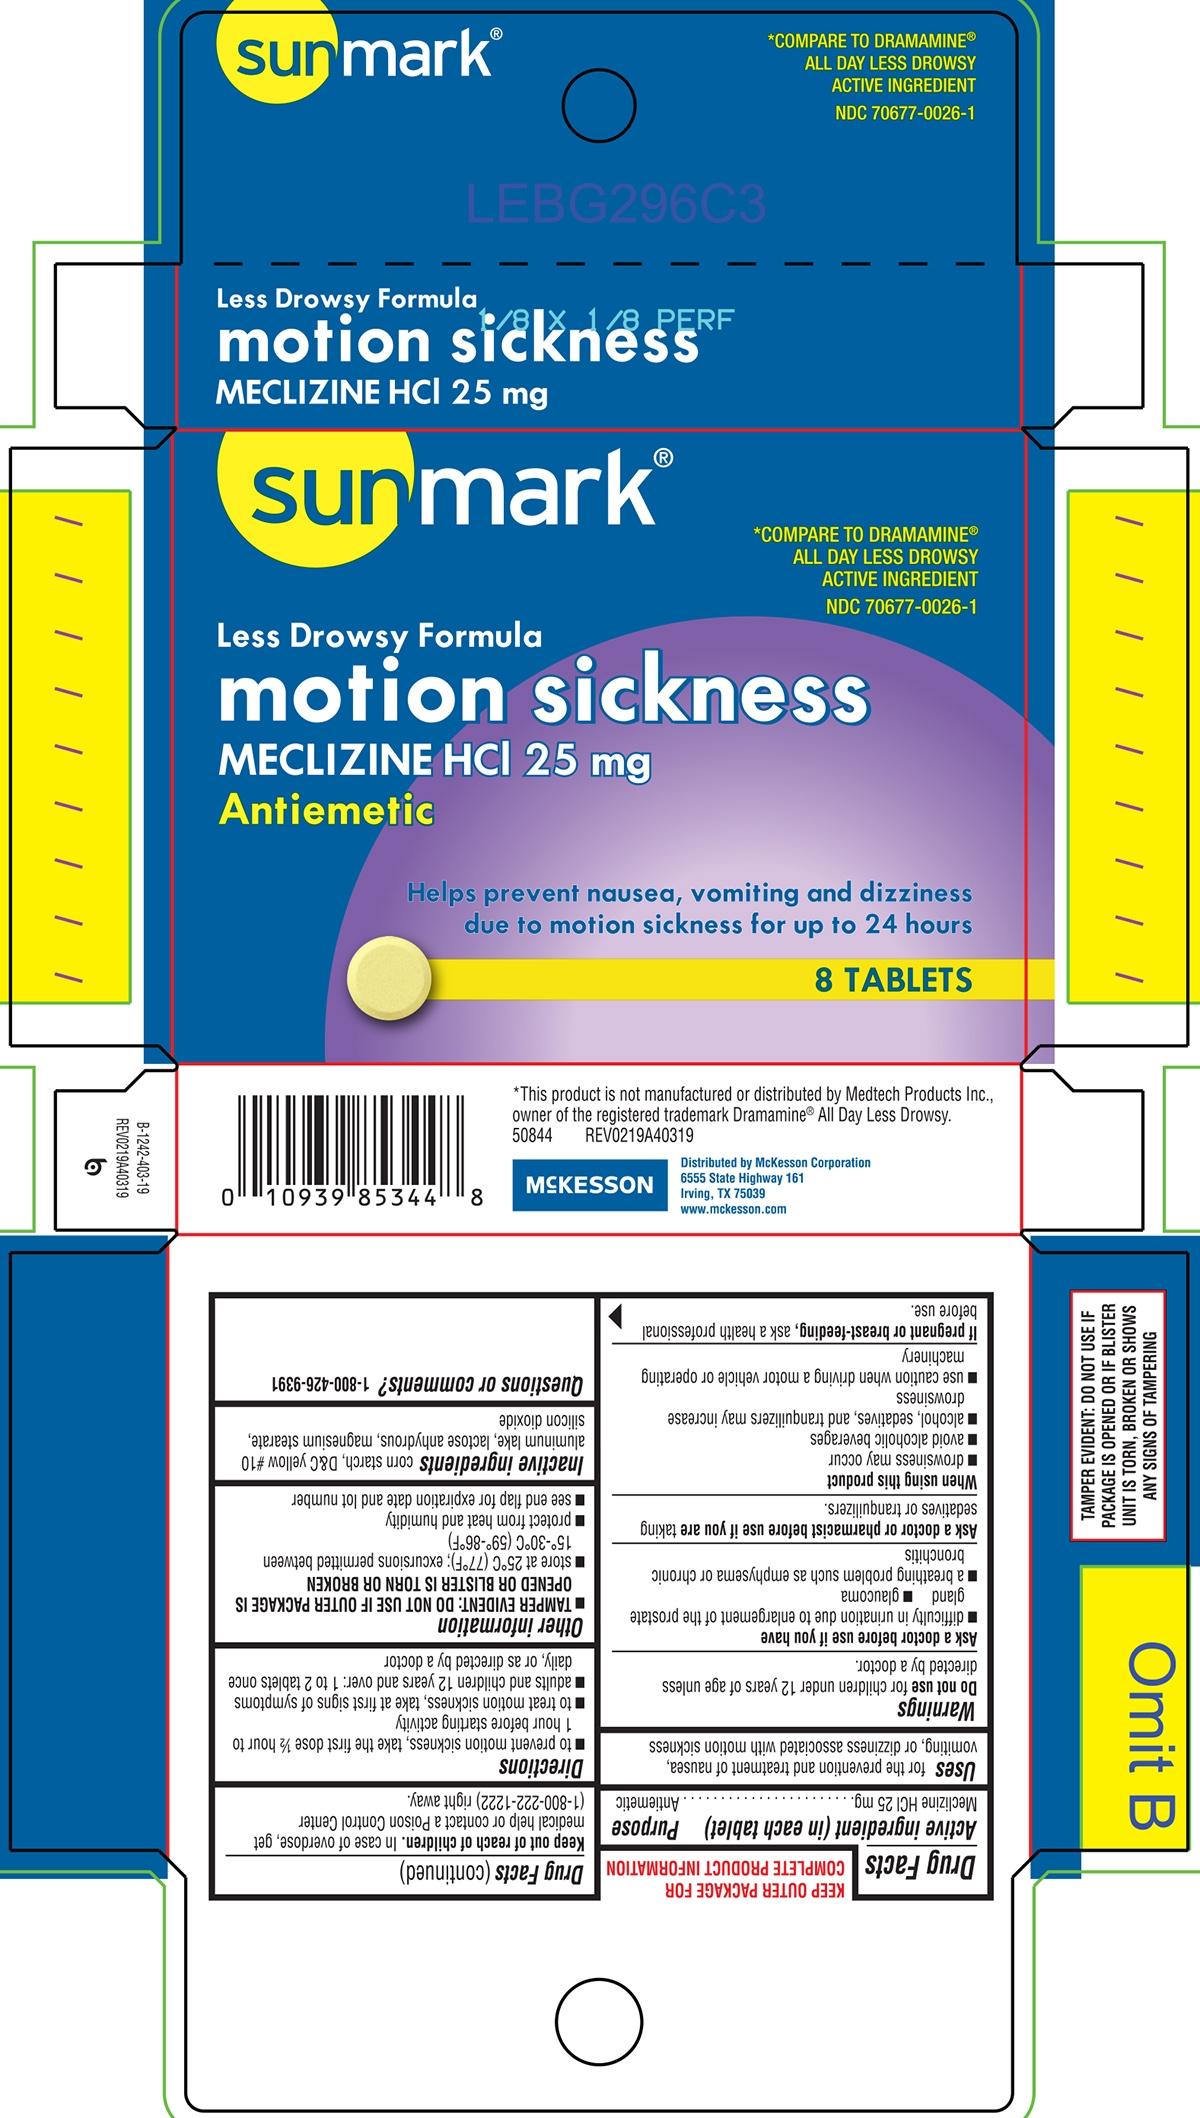 Sunmark 44-403